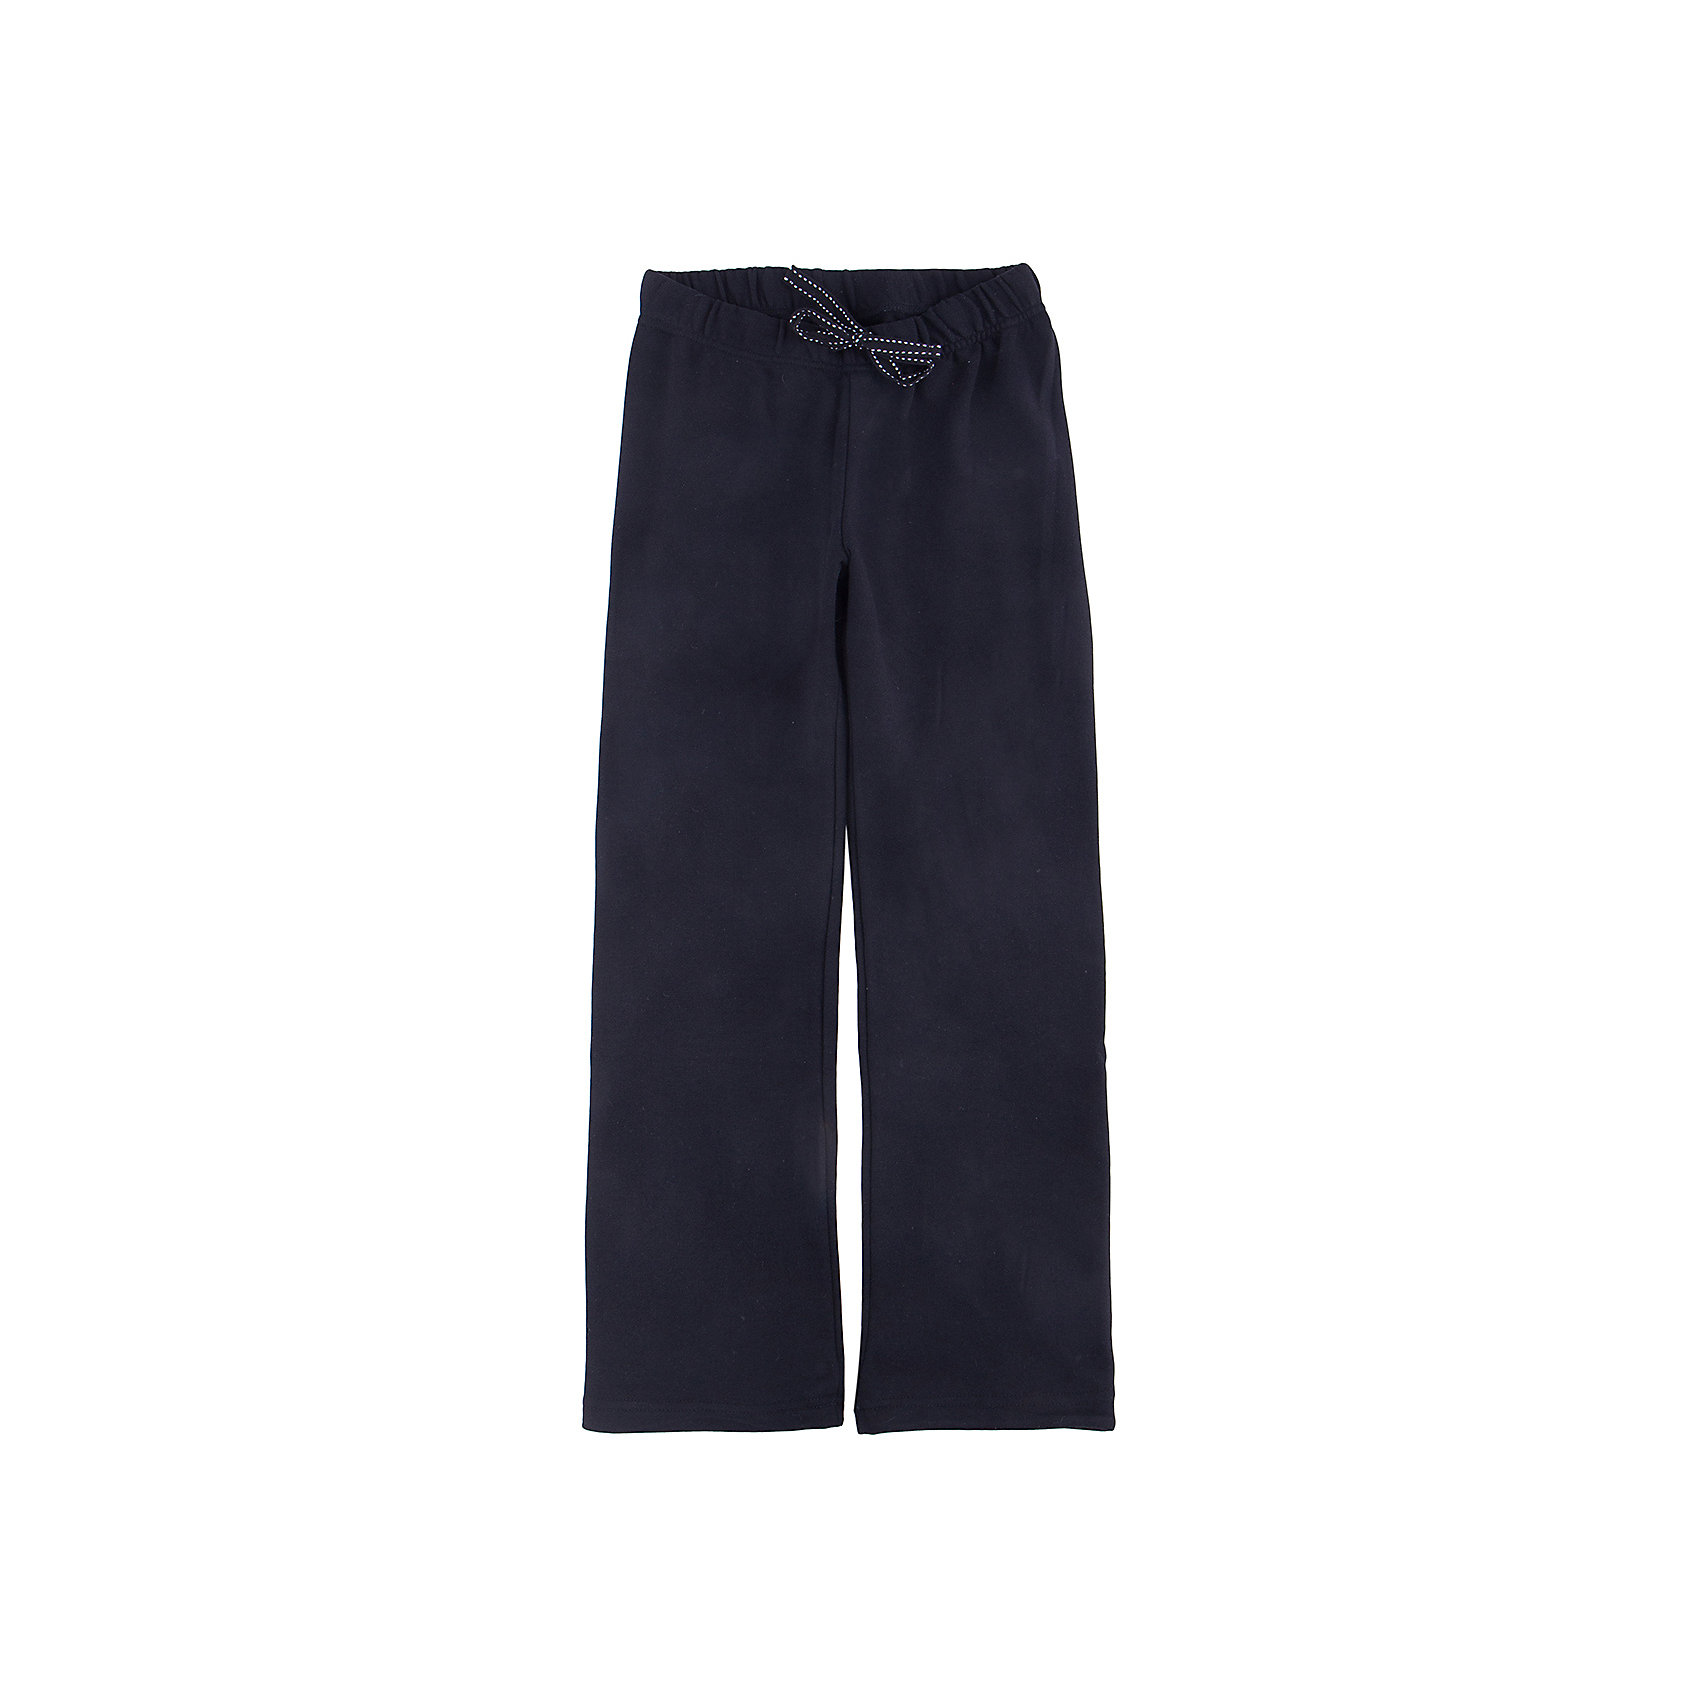 Брюки для мальчика ScoolБрюки<br>Брюки для мальчика от известного бренда Scool<br>Состав:<br>60% хлопок, 40% полиэстер<br>Мягкие брюки из футера в спортивном стиле. Низ штанишек и пояс на резинке, дополнительно регулируется шнурком.<br><br>Ширина мм: 215<br>Глубина мм: 88<br>Высота мм: 191<br>Вес г: 336<br>Цвет: черный<br>Возраст от месяцев: 72<br>Возраст до месяцев: 84<br>Пол: Мужской<br>Возраст: Детский<br>Размер: 122,140,152,164,158,146,134,128<br>SKU: 4686829